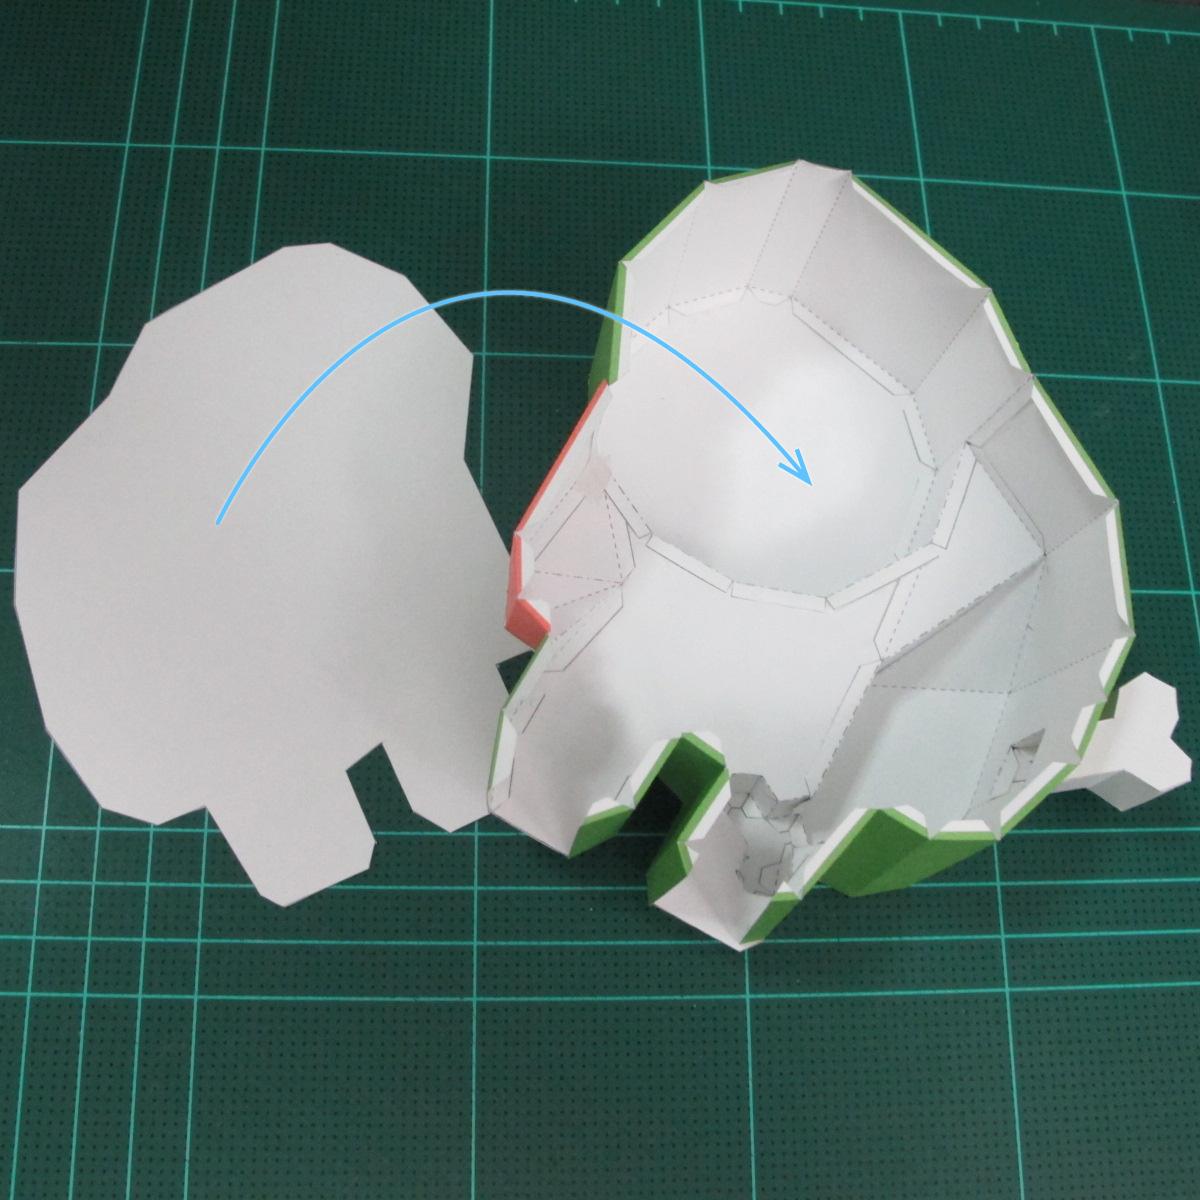 วิธีทำโมเดลกระดาษตุ้กตา คุกกี้ รัน คุกกี้รสซอมบี้ (LINE Cookie Run Zombie Cookie Papercraft Model) 025